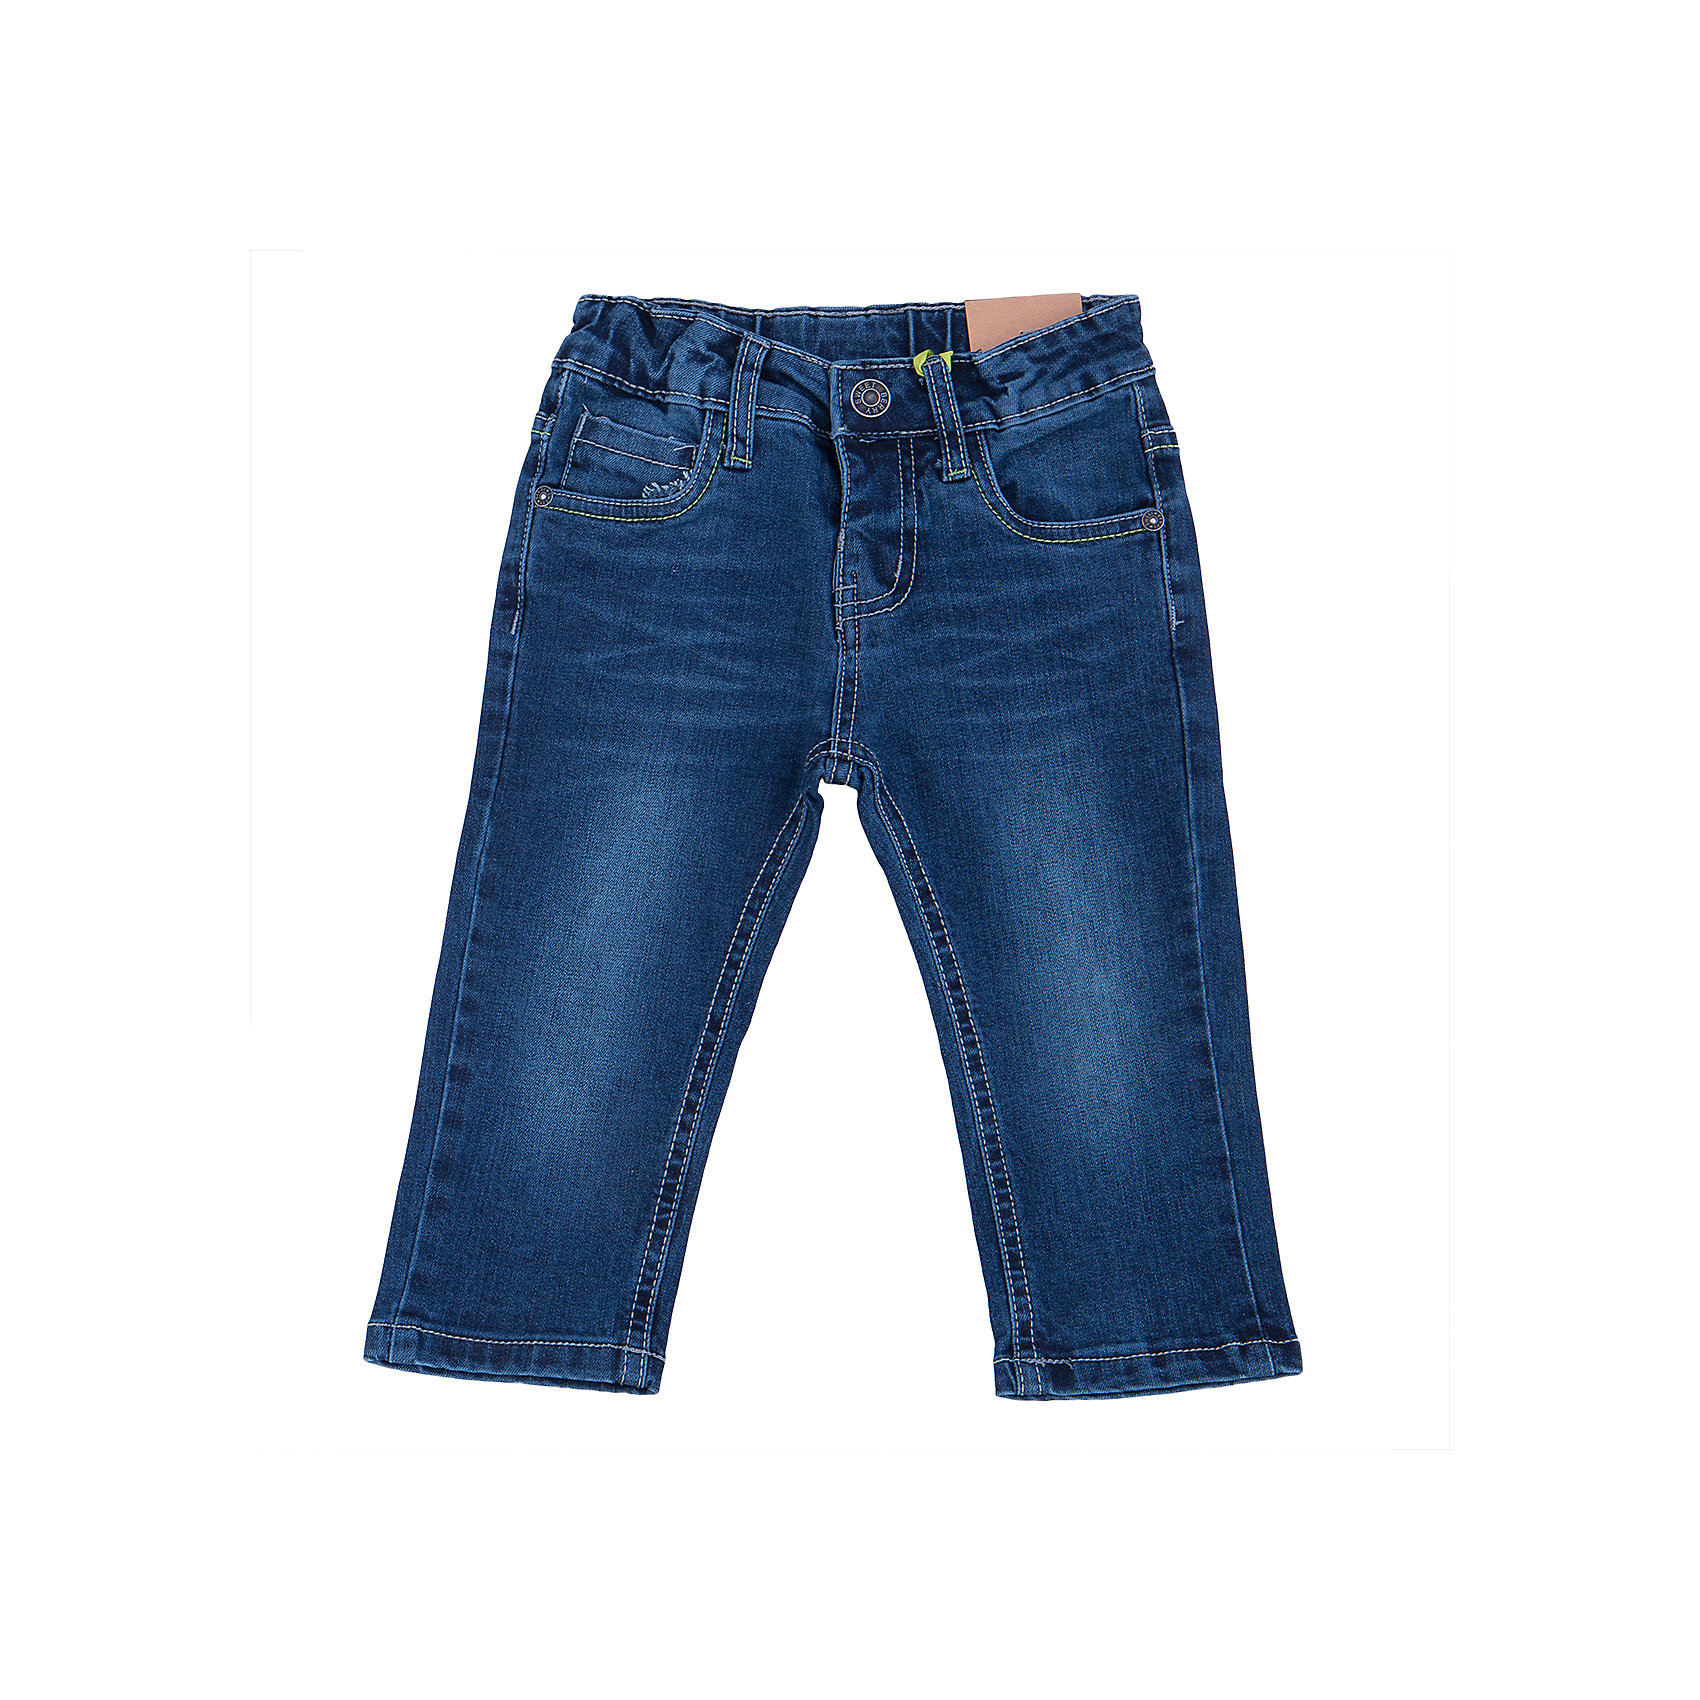 Джинсы для мальчика Sweet BerryУдобные джинсы для мальчика торговой марки Sweet Berry идеально подойдут Вашему малышу. Изготовленные из 100% хлопка, они мягкие и приятные на ощупь, не сковывают движения, сохраняют тепло дают ощущения комфорта. Джинсы застегиваются на пуговицу на поясе, также имеются шлевки для ремня и ширинка на застежке-молнии. Объем пояса регулируется при помощи эластичной резинки с пуговицей изнутри. Джинсы имеют классический пятикарманный крой: спереди модель дополнена двумя втачными карманами и одним маленьким накладным кармашком, а сзади - двумя накладными карманами. Модель оформлена контрастной декоративной отстрочкой на карманах сзади и модными потертостями. Практичные и стильные джинсы,   с модными потёртостями и высококачественным материалом подарят Вашему малышу комфорт в течение дня!<br><br> Дополнительная информация:<br><br>- комплектация: джинсы для мальчика<br>- материал : 100% хлопок<br>- цвет: синий <br>- коллекция: осень-зима 2016<br>- сезон: зима<br>- пол: для мальчика<br>- возраст: детский<br>- размер упаковки (дхшхв), 20 * 20 *5 см<br>- вес в упаковке, 230  г<br><br>Джинсы для  мальчика торговой марки Sweet Berry  можно купить в нашем интернет-магазине<br><br>Ширина мм: 215<br>Глубина мм: 88<br>Высота мм: 191<br>Вес г: 336<br>Цвет: синий<br>Возраст от месяцев: 24<br>Возраст до месяцев: 36<br>Пол: Мужской<br>Возраст: Детский<br>Размер: 98,80,86,92<br>SKU: 4929862